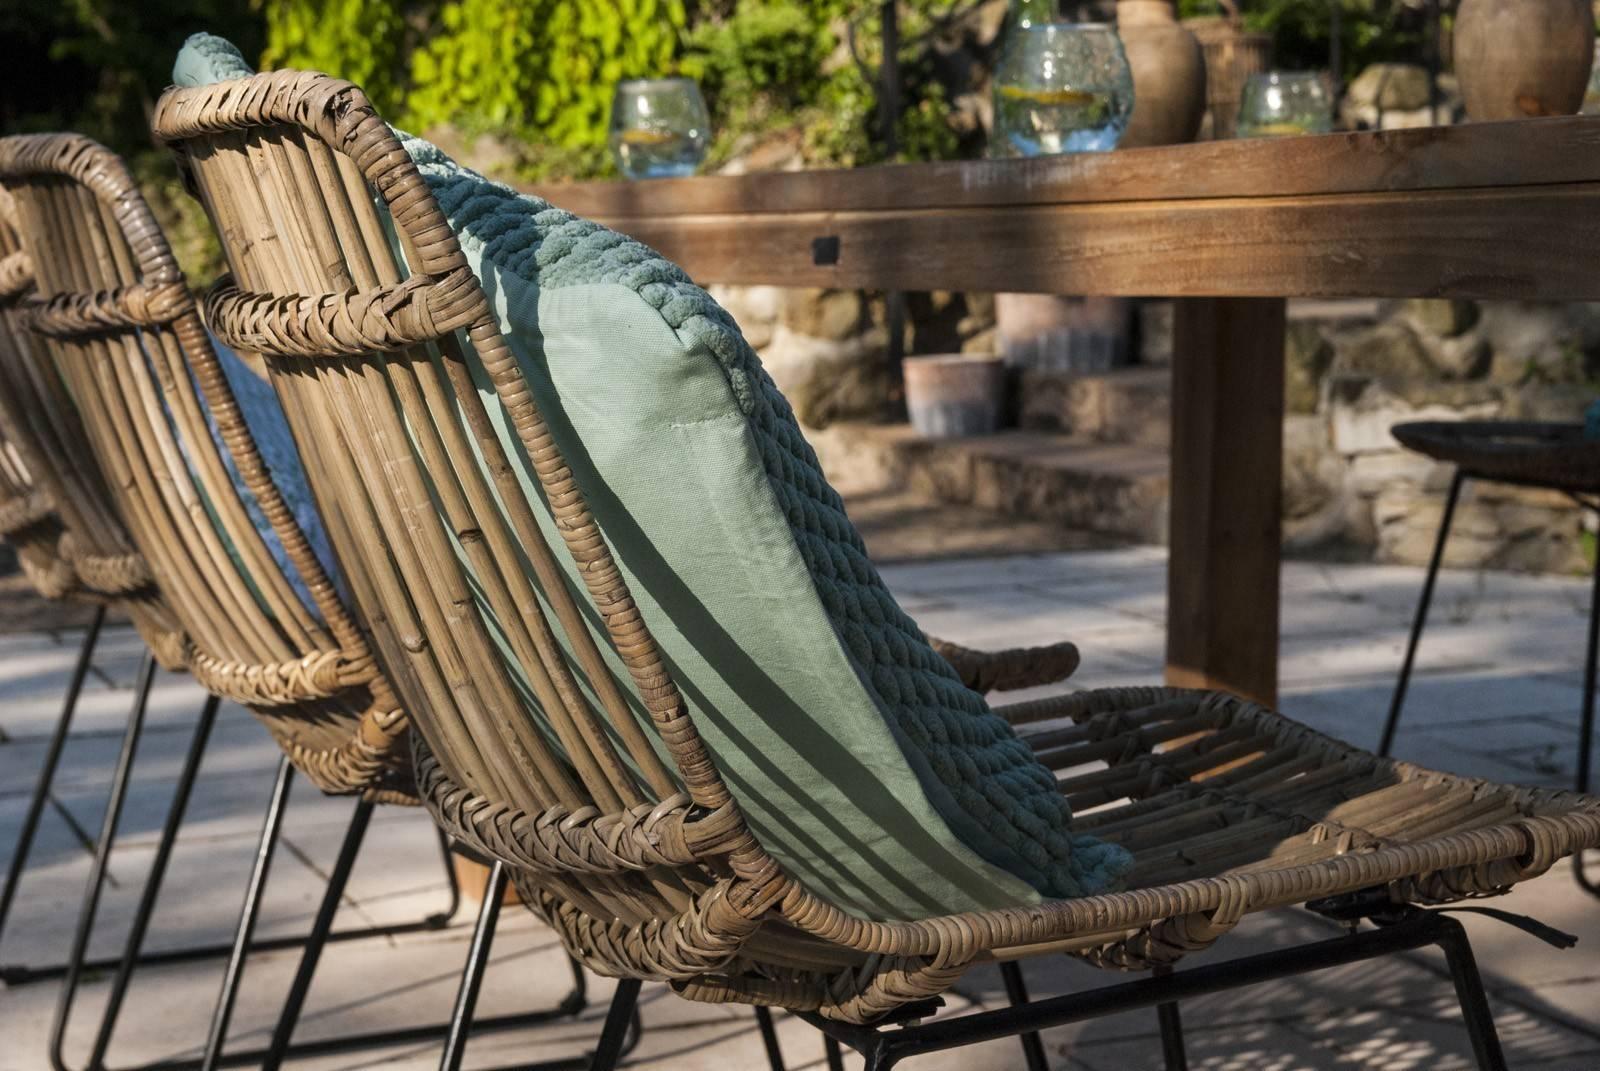 zestaw rattanowy na balkon z krzesłami DINAN